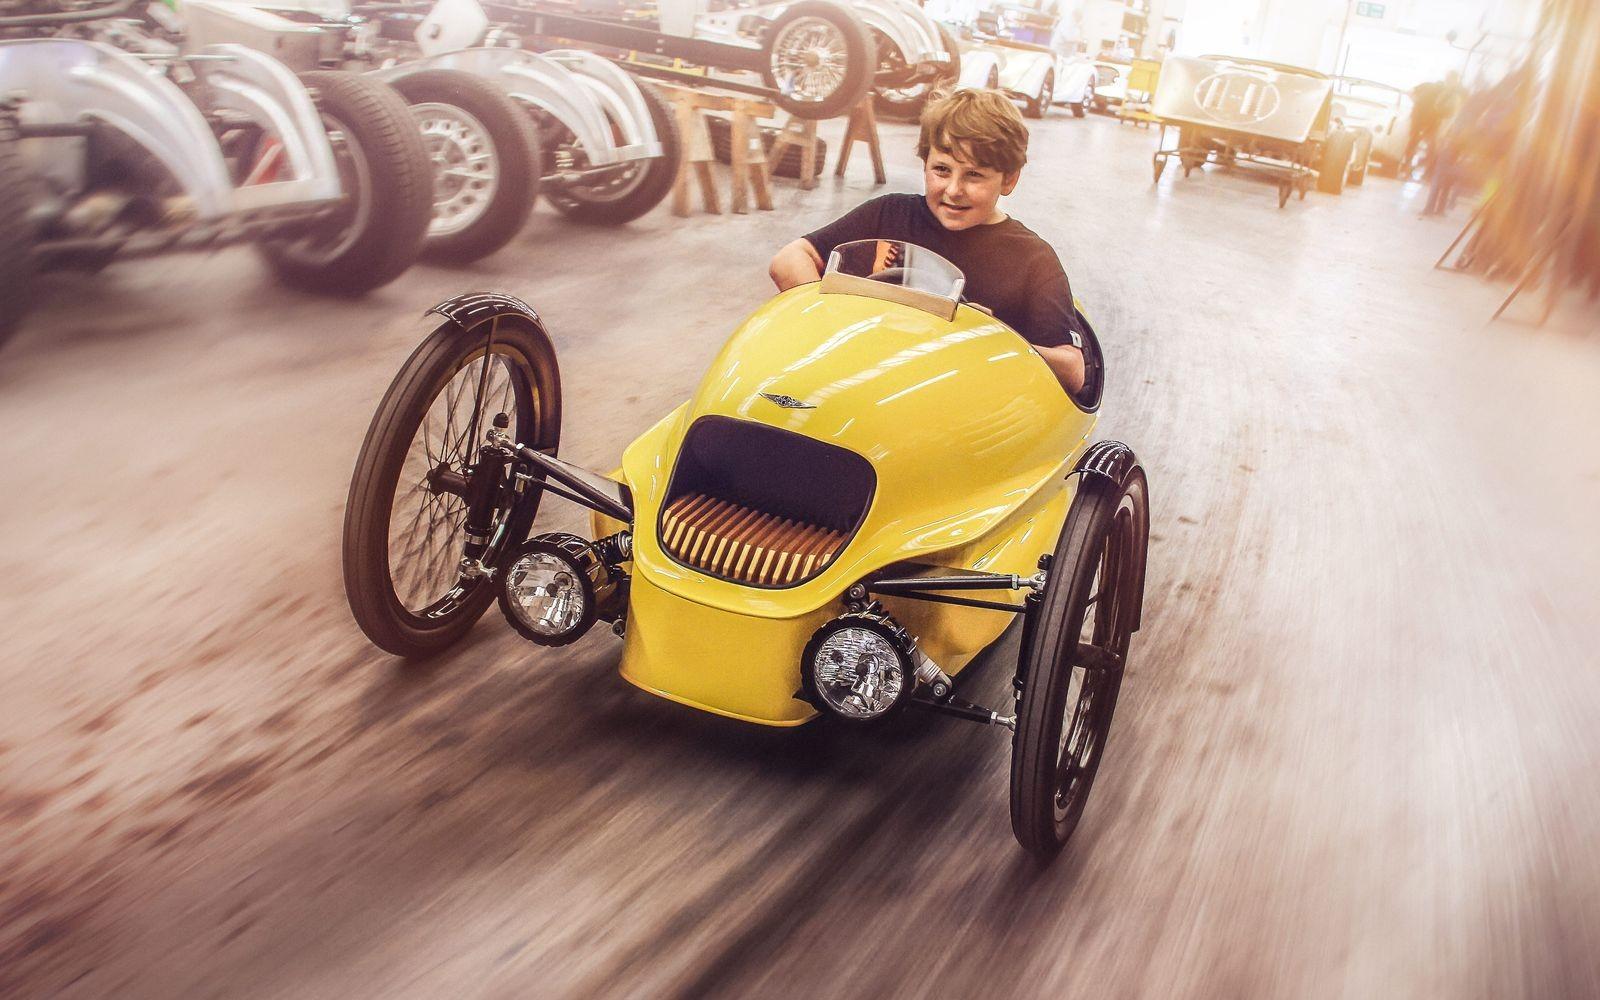 Morgan EV3 Junior